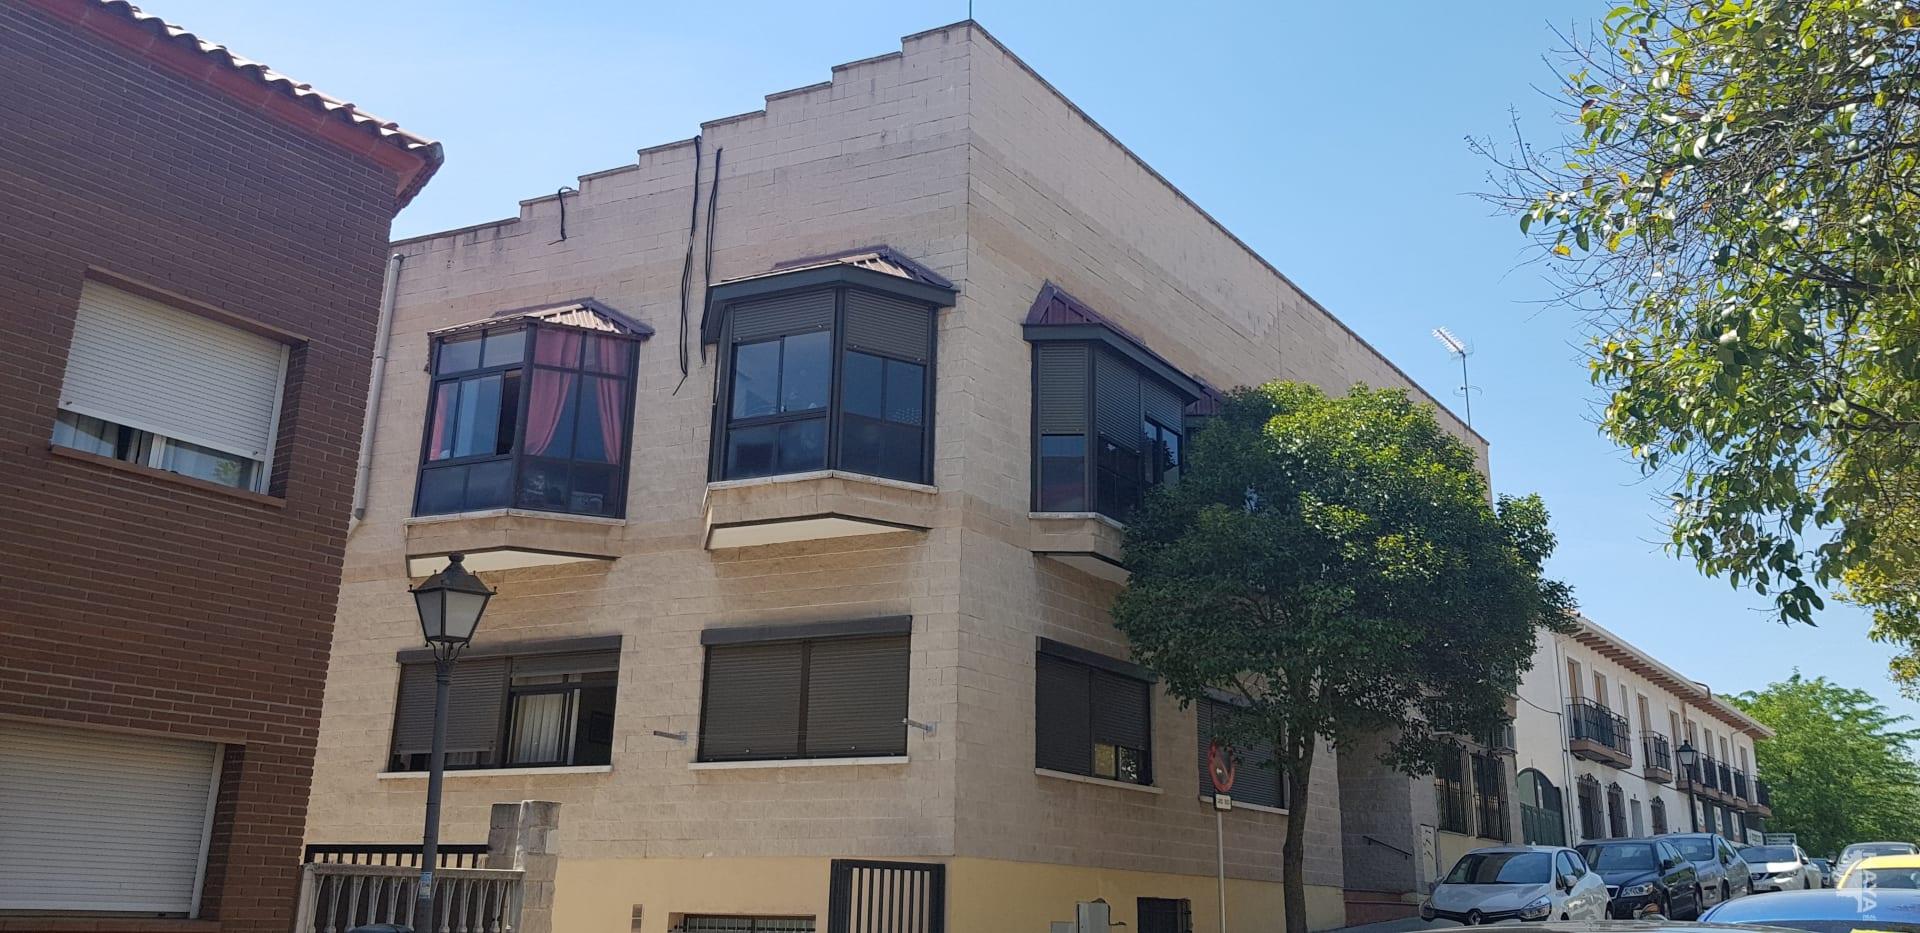 Piso en venta en La Barranca, Brunete, Madrid, Calle Caridad, 218.500 €, 3 habitaciones, 1 baño, 93 m2